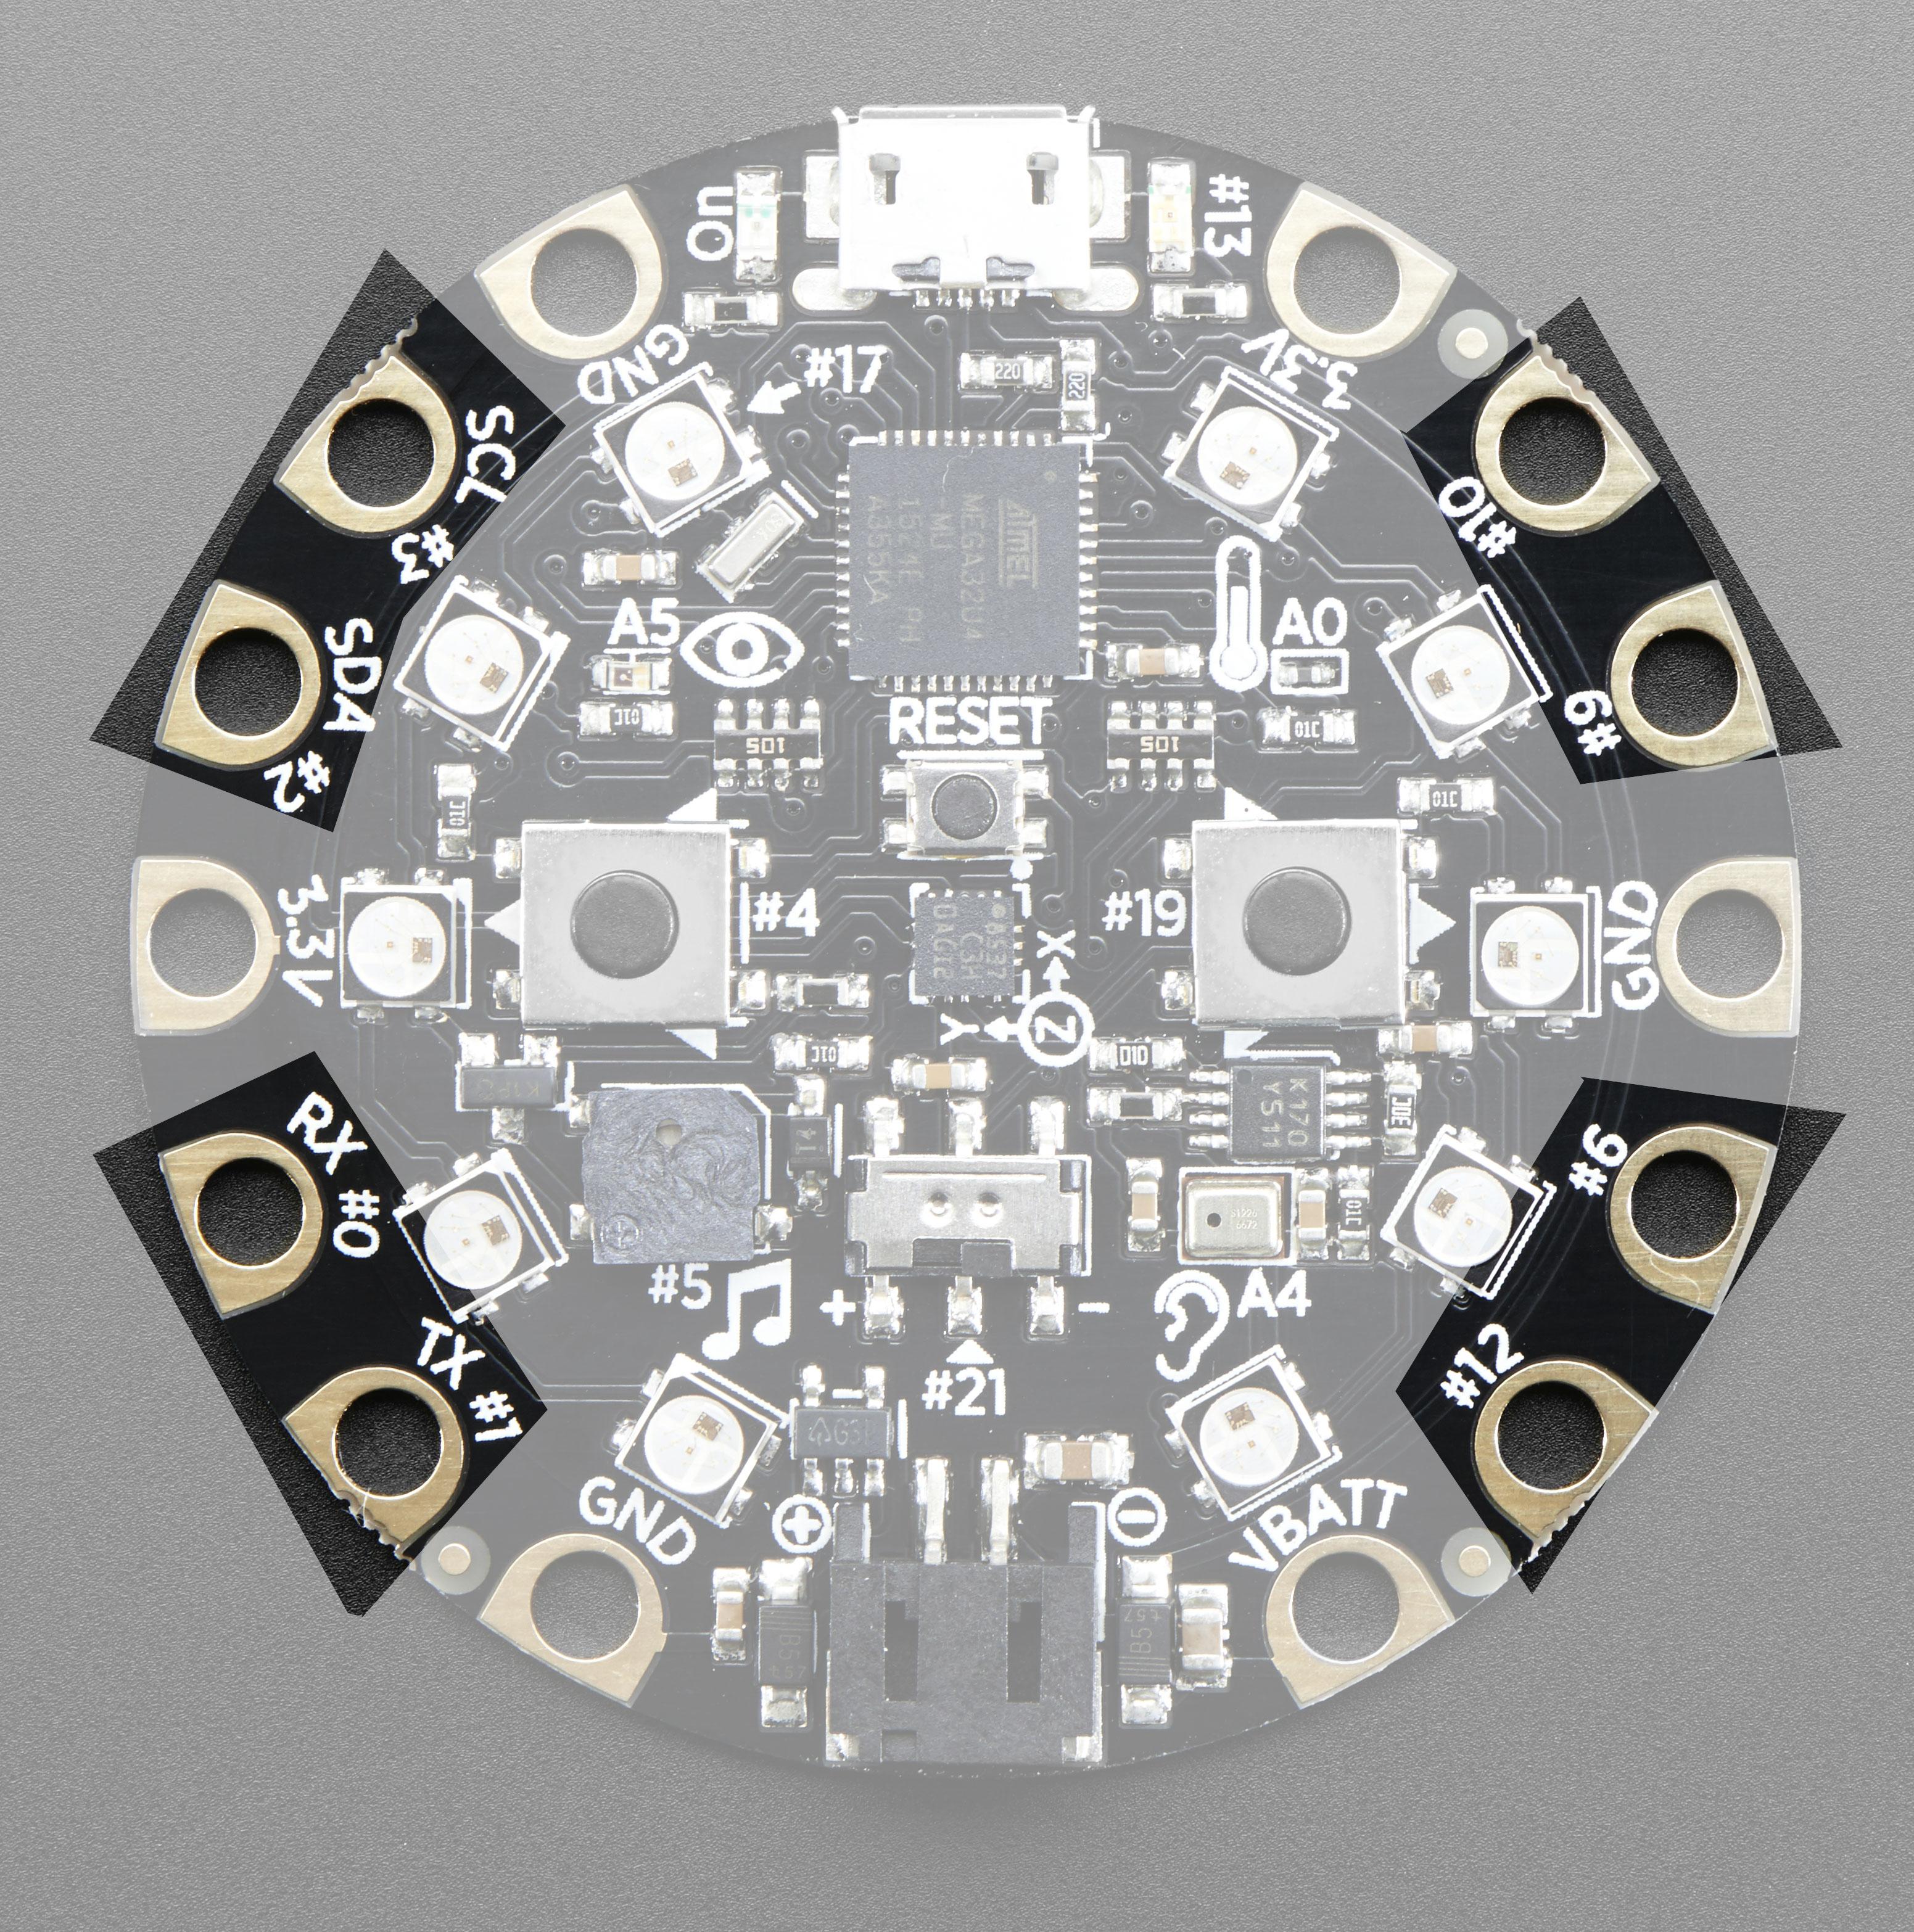 classic_circuit_playground_GPIO.jpg